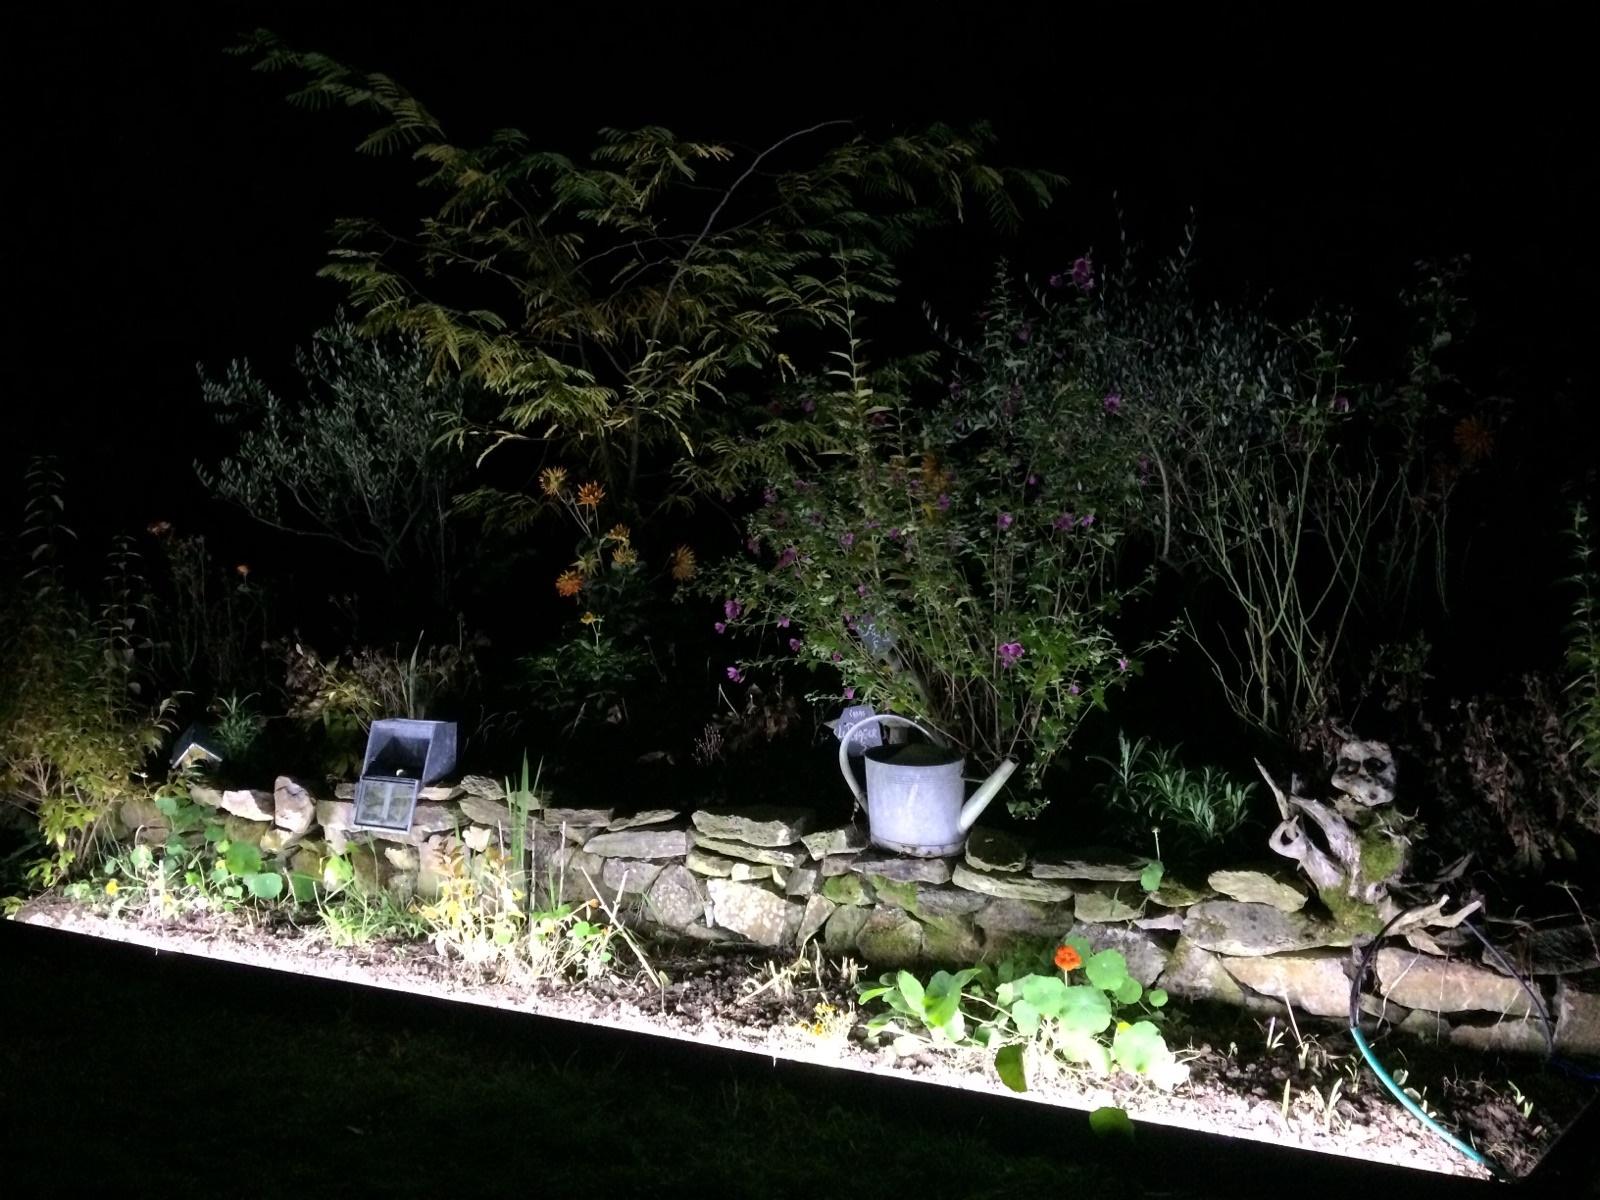 bordure luminaire LED extérieur jardin étanche aluminium métal